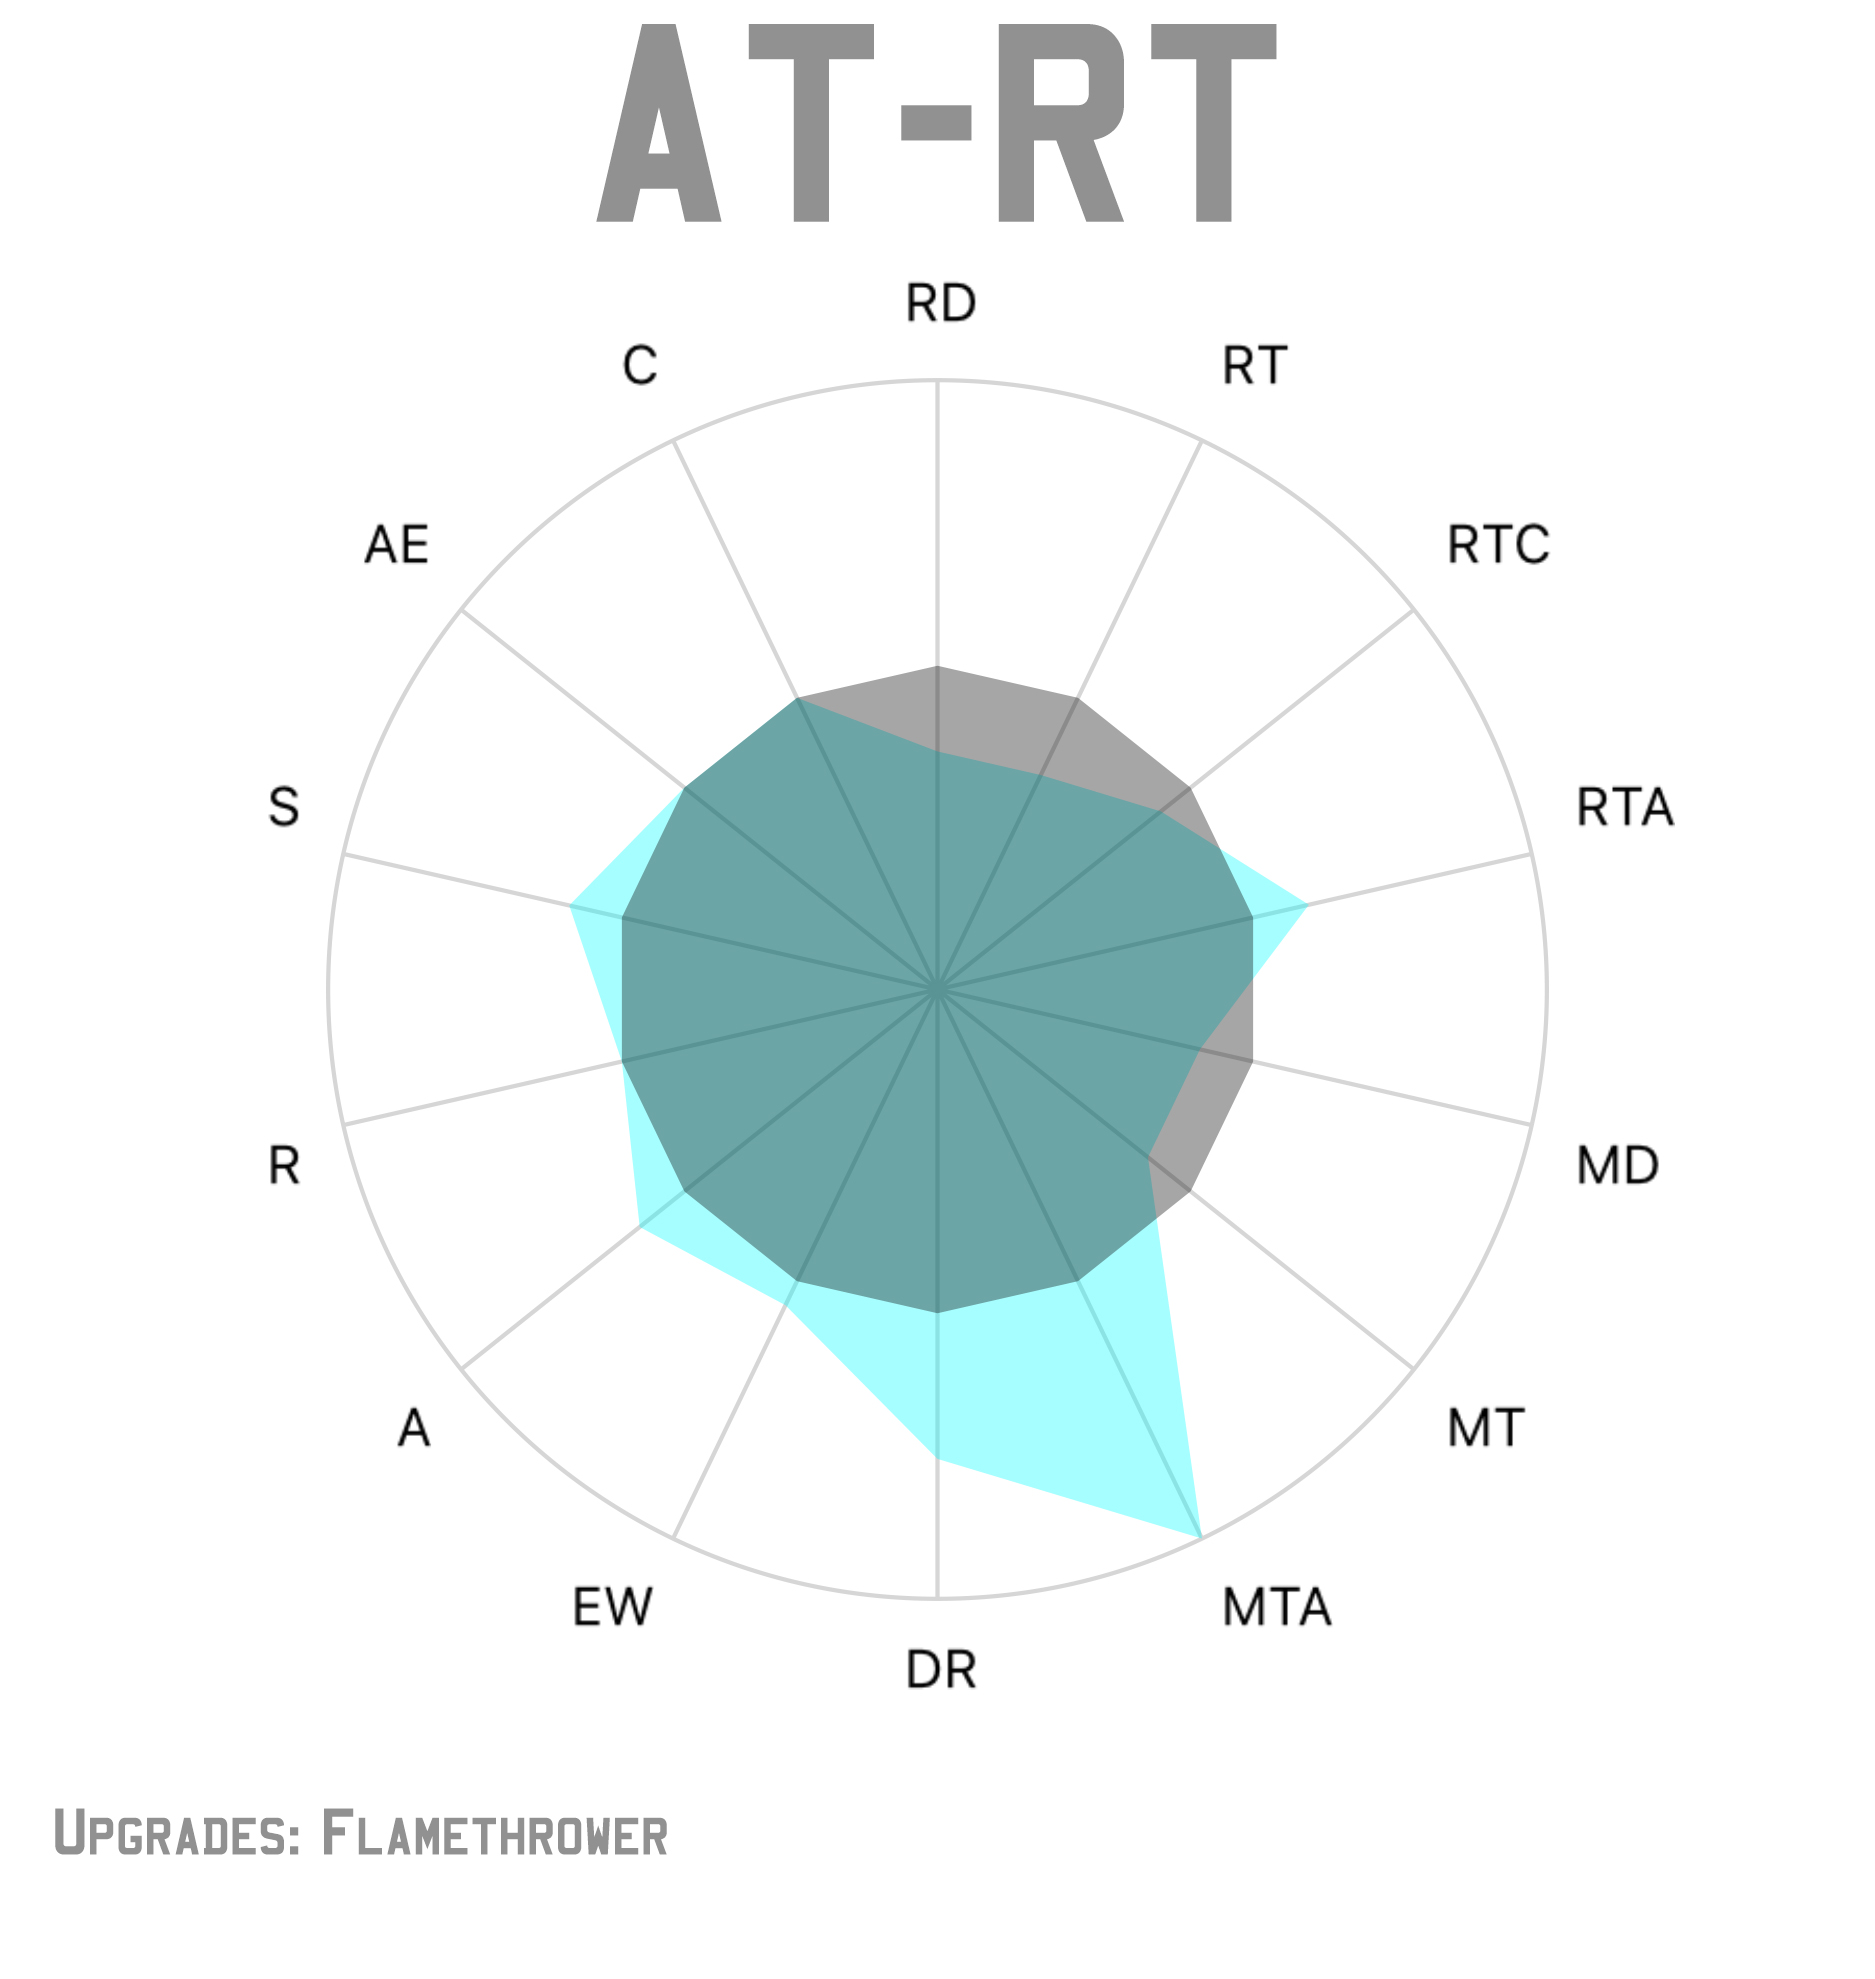 ATRT_flame.jpg